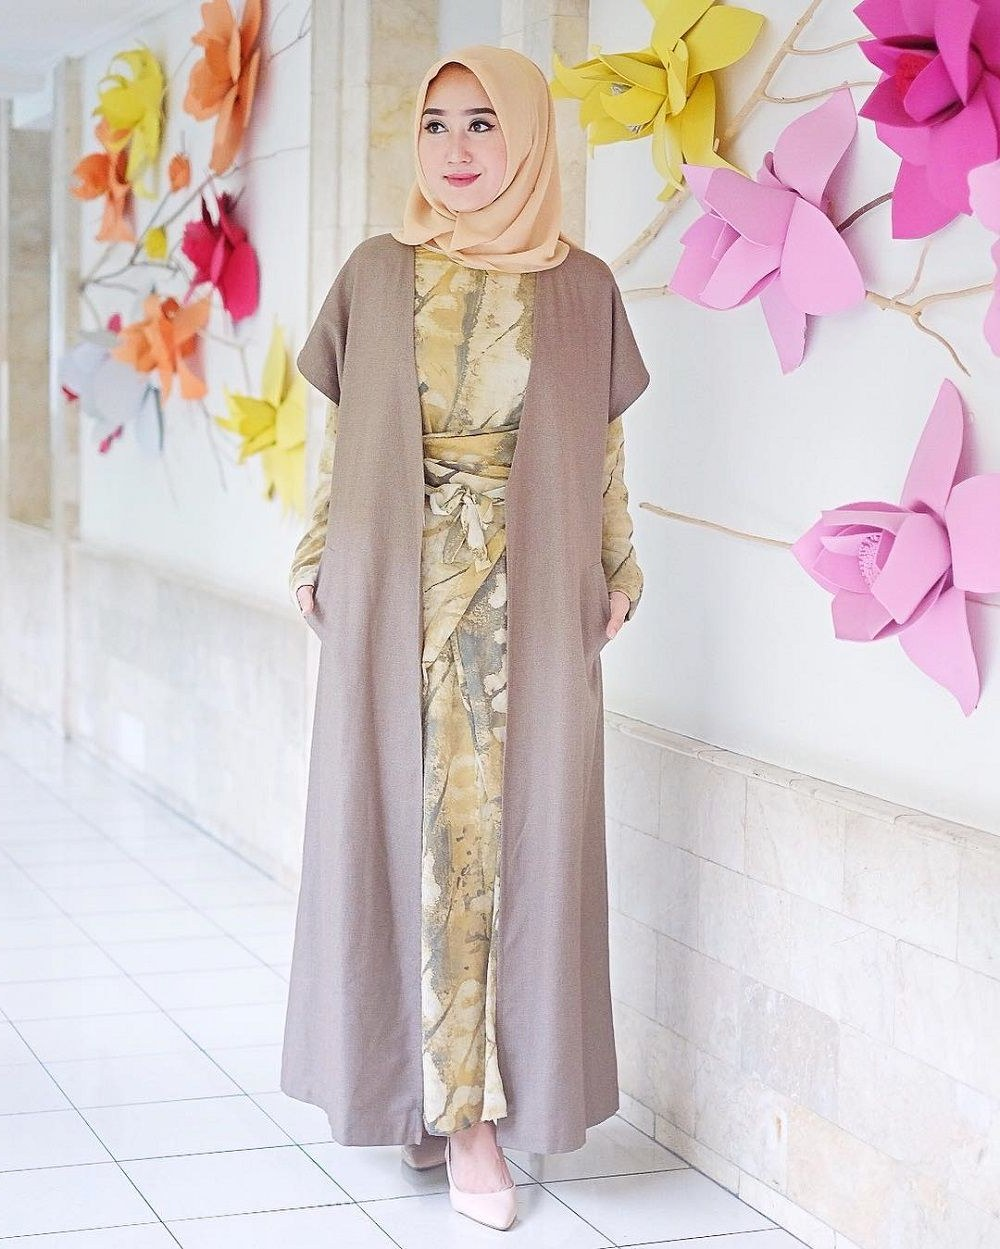 Model Model Baju Lebaran Dian Pelangi 2019 Zwd9 Gamis Modern Dian Pelangi Model Baju Di 2019